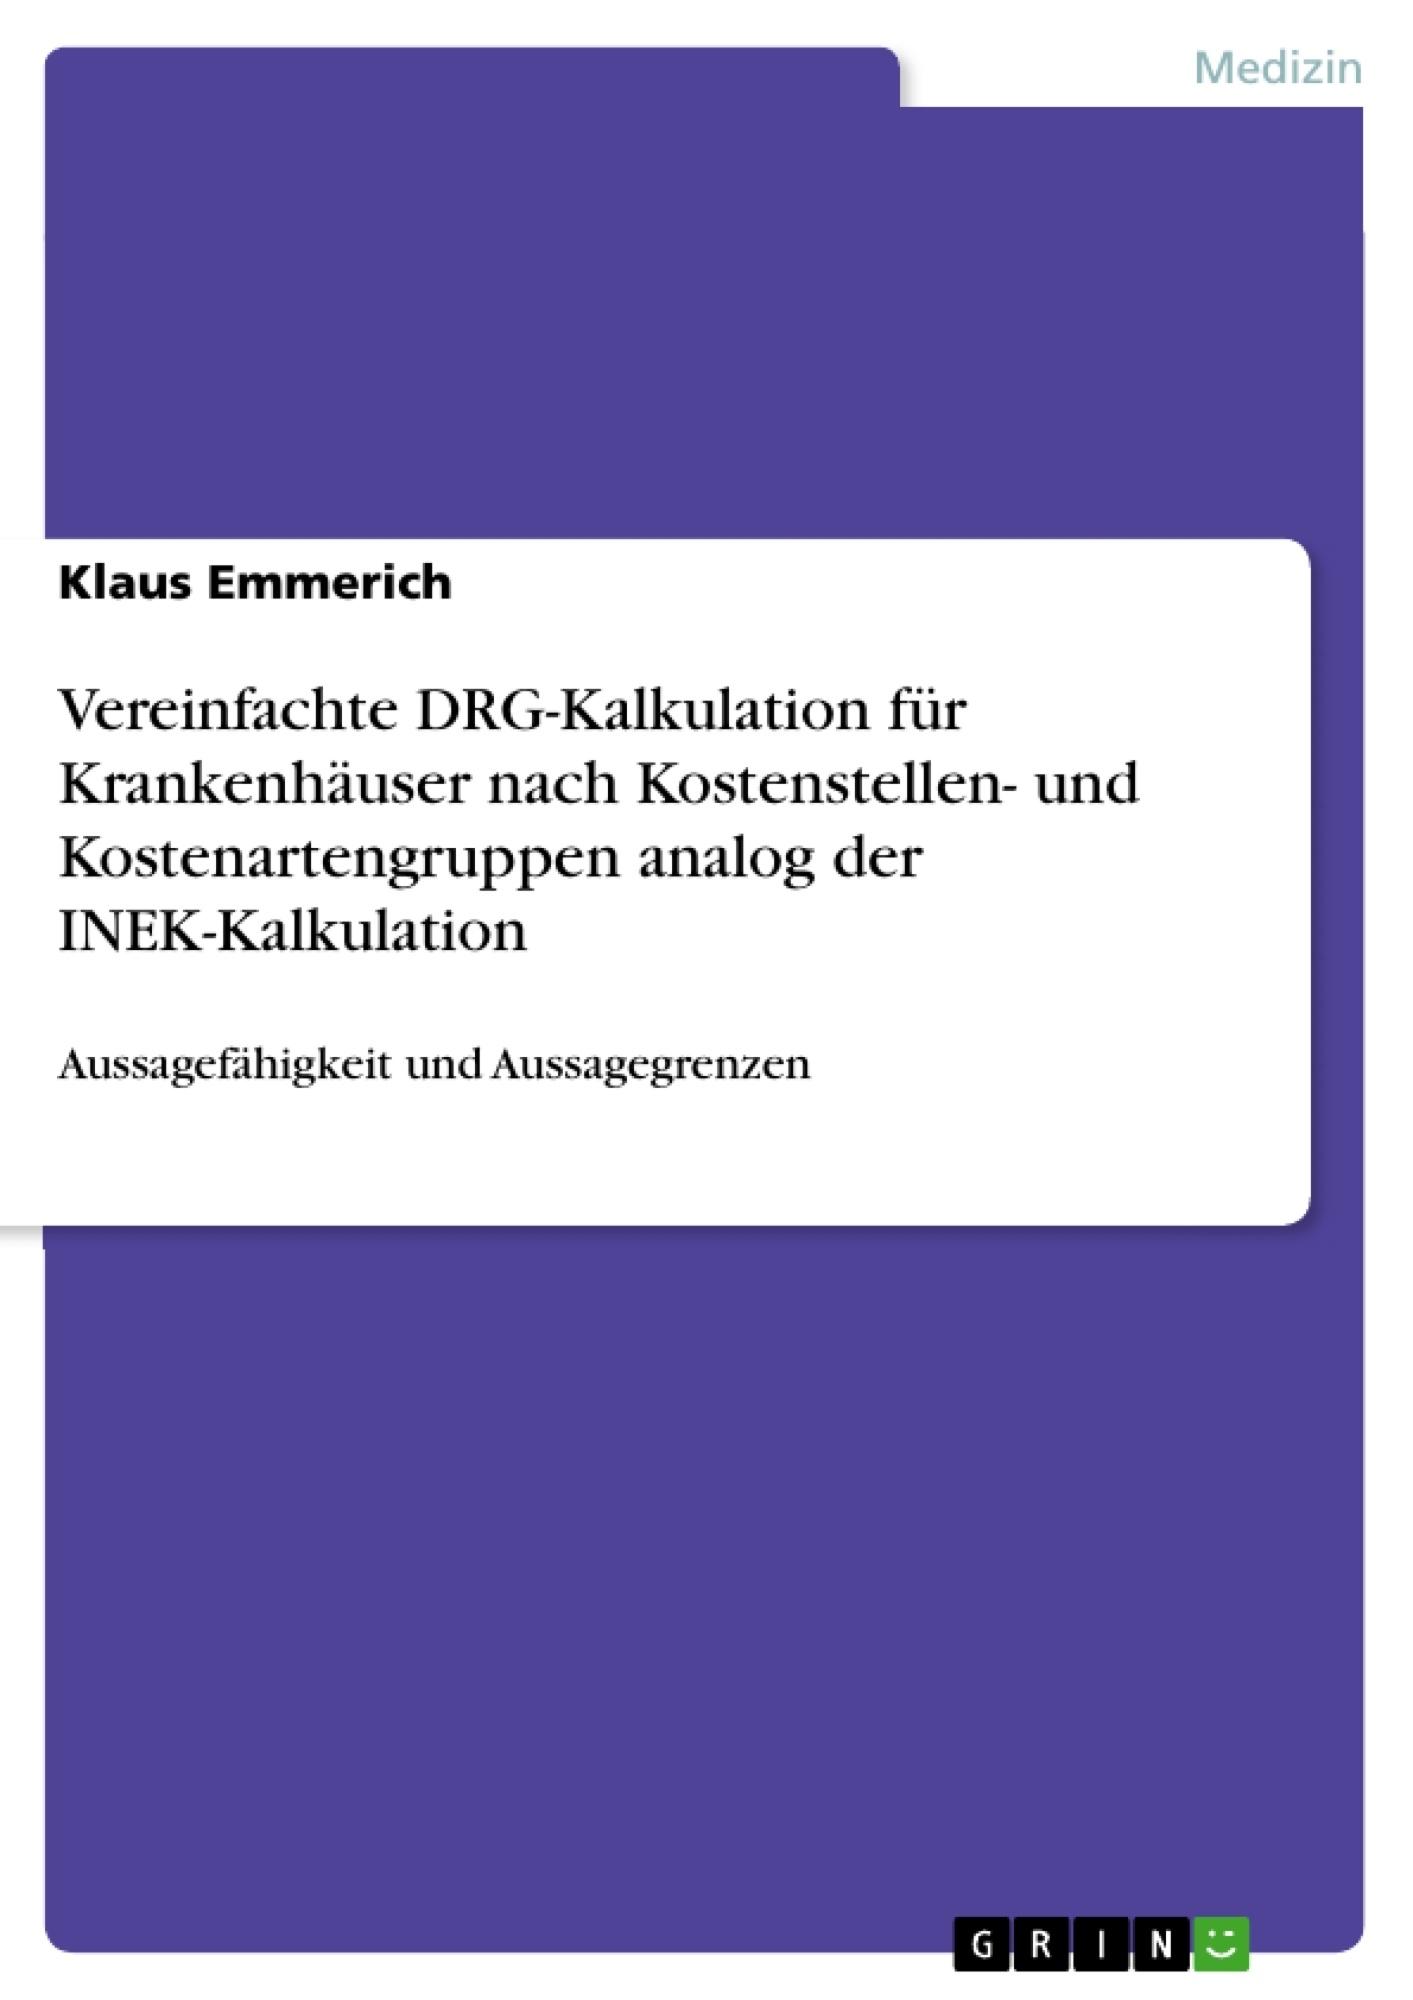 Titel: Vereinfachte DRG-Kalkulation für Krankenhäuser nach Kostenstellen- und Kostenartengruppen analog der INEK-Kalkulation